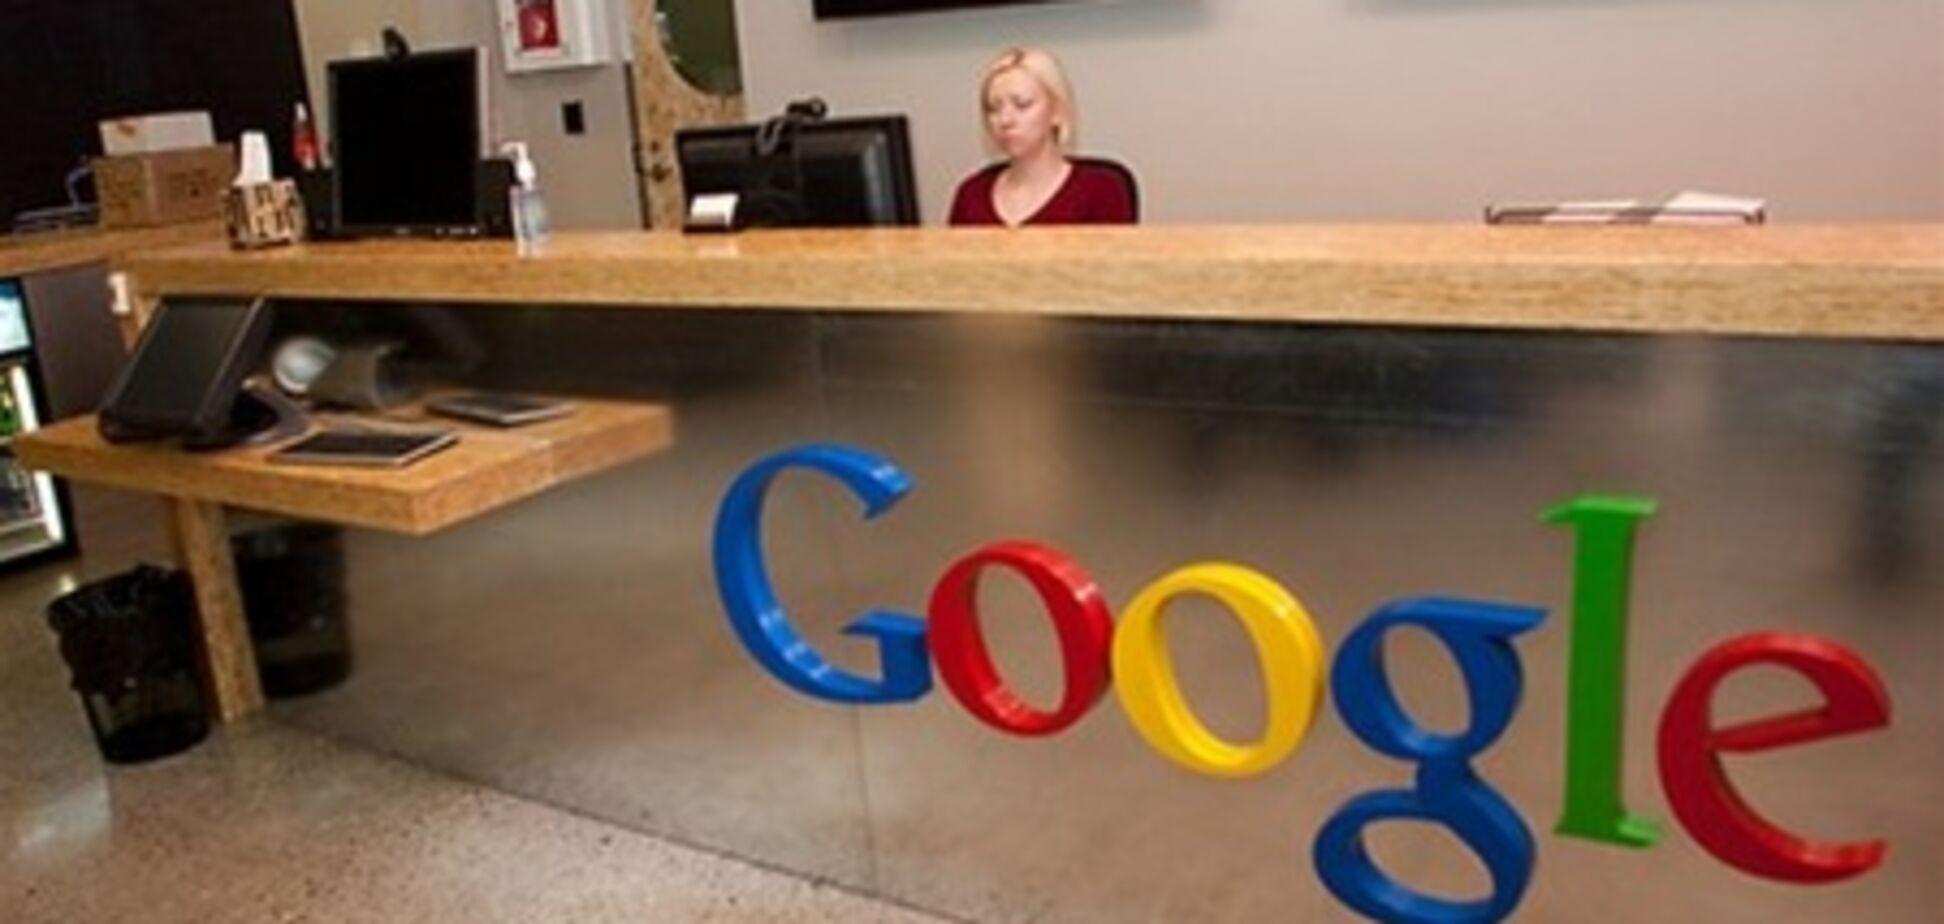 Google мучит претендентов на работу головоломками